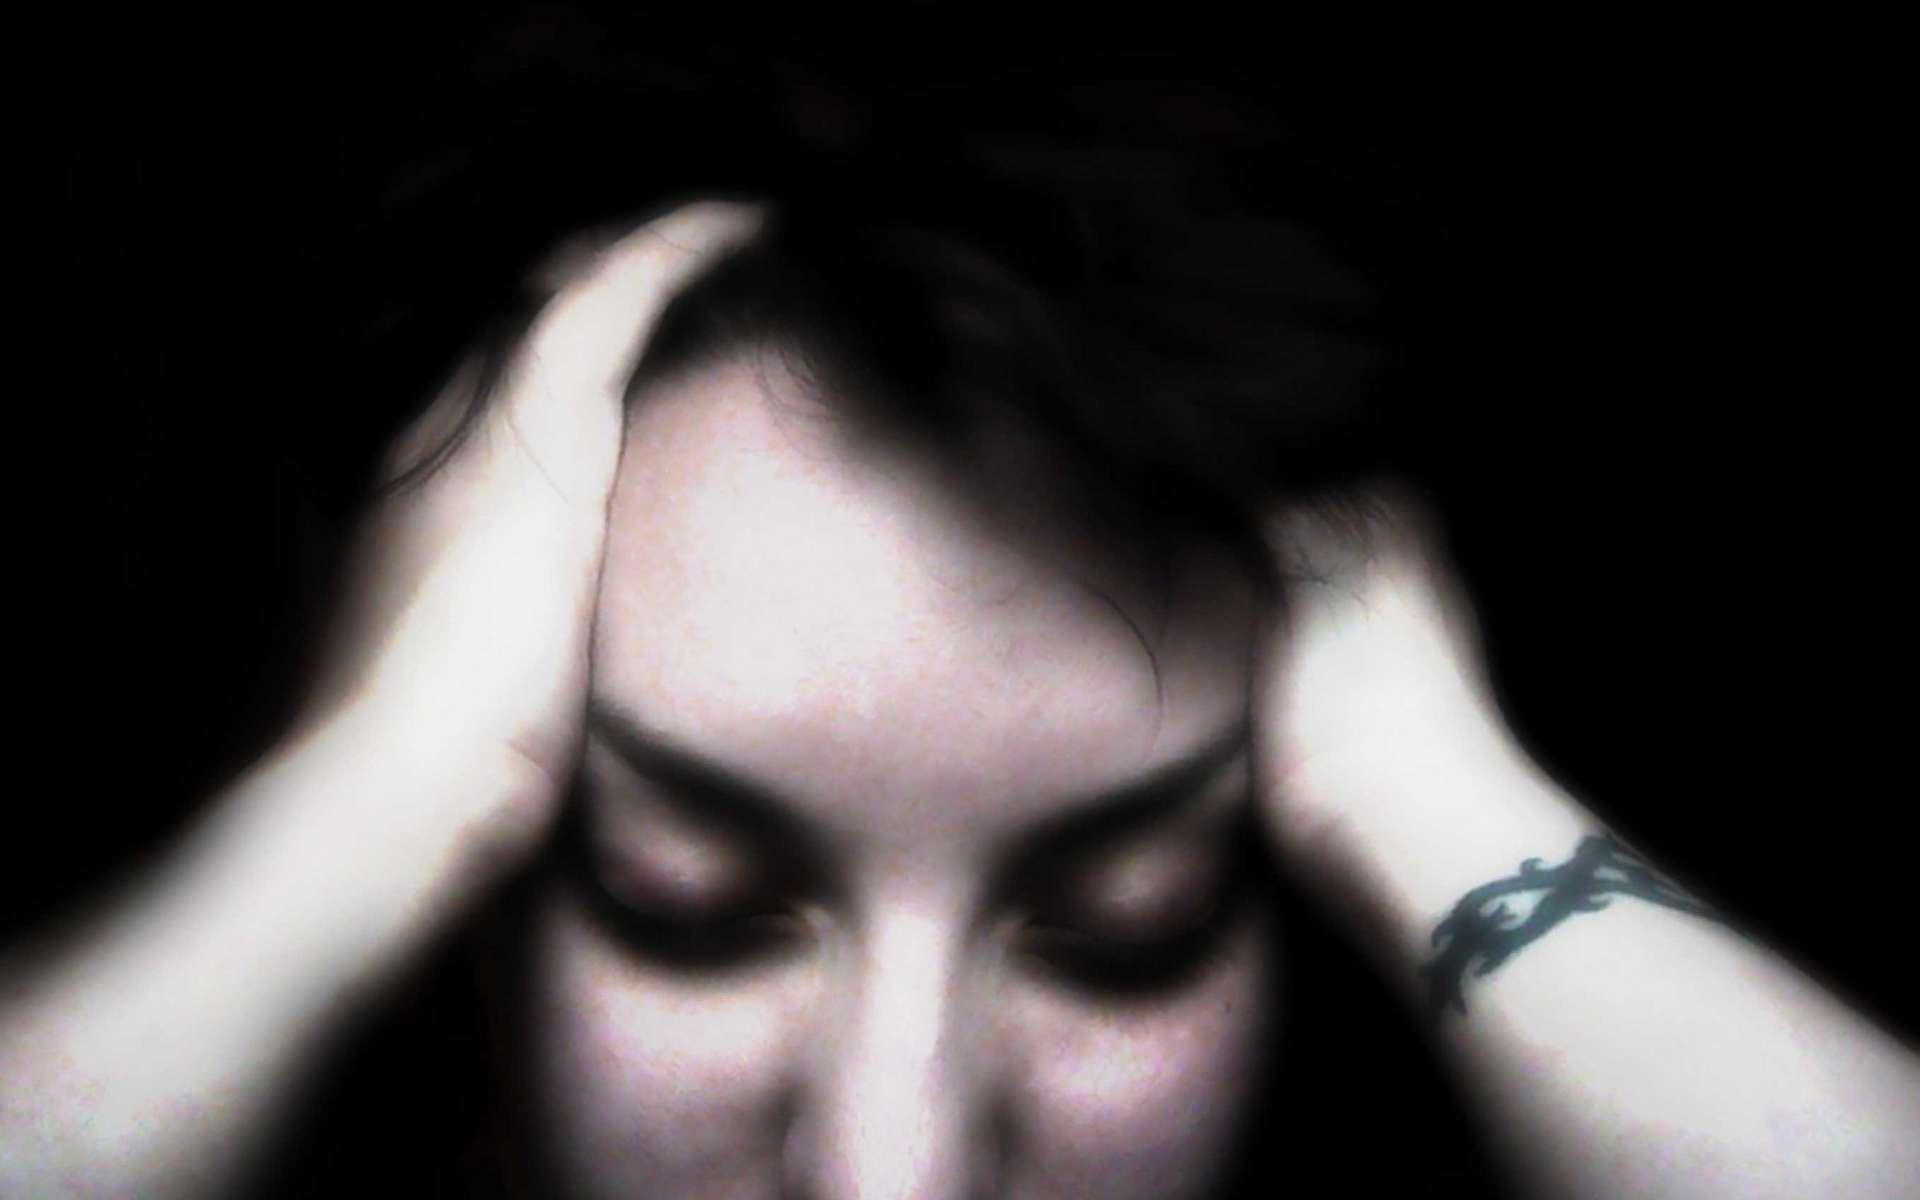 La douleur, un symptôme multiforme et sous estimé. © Sarah, Flickr